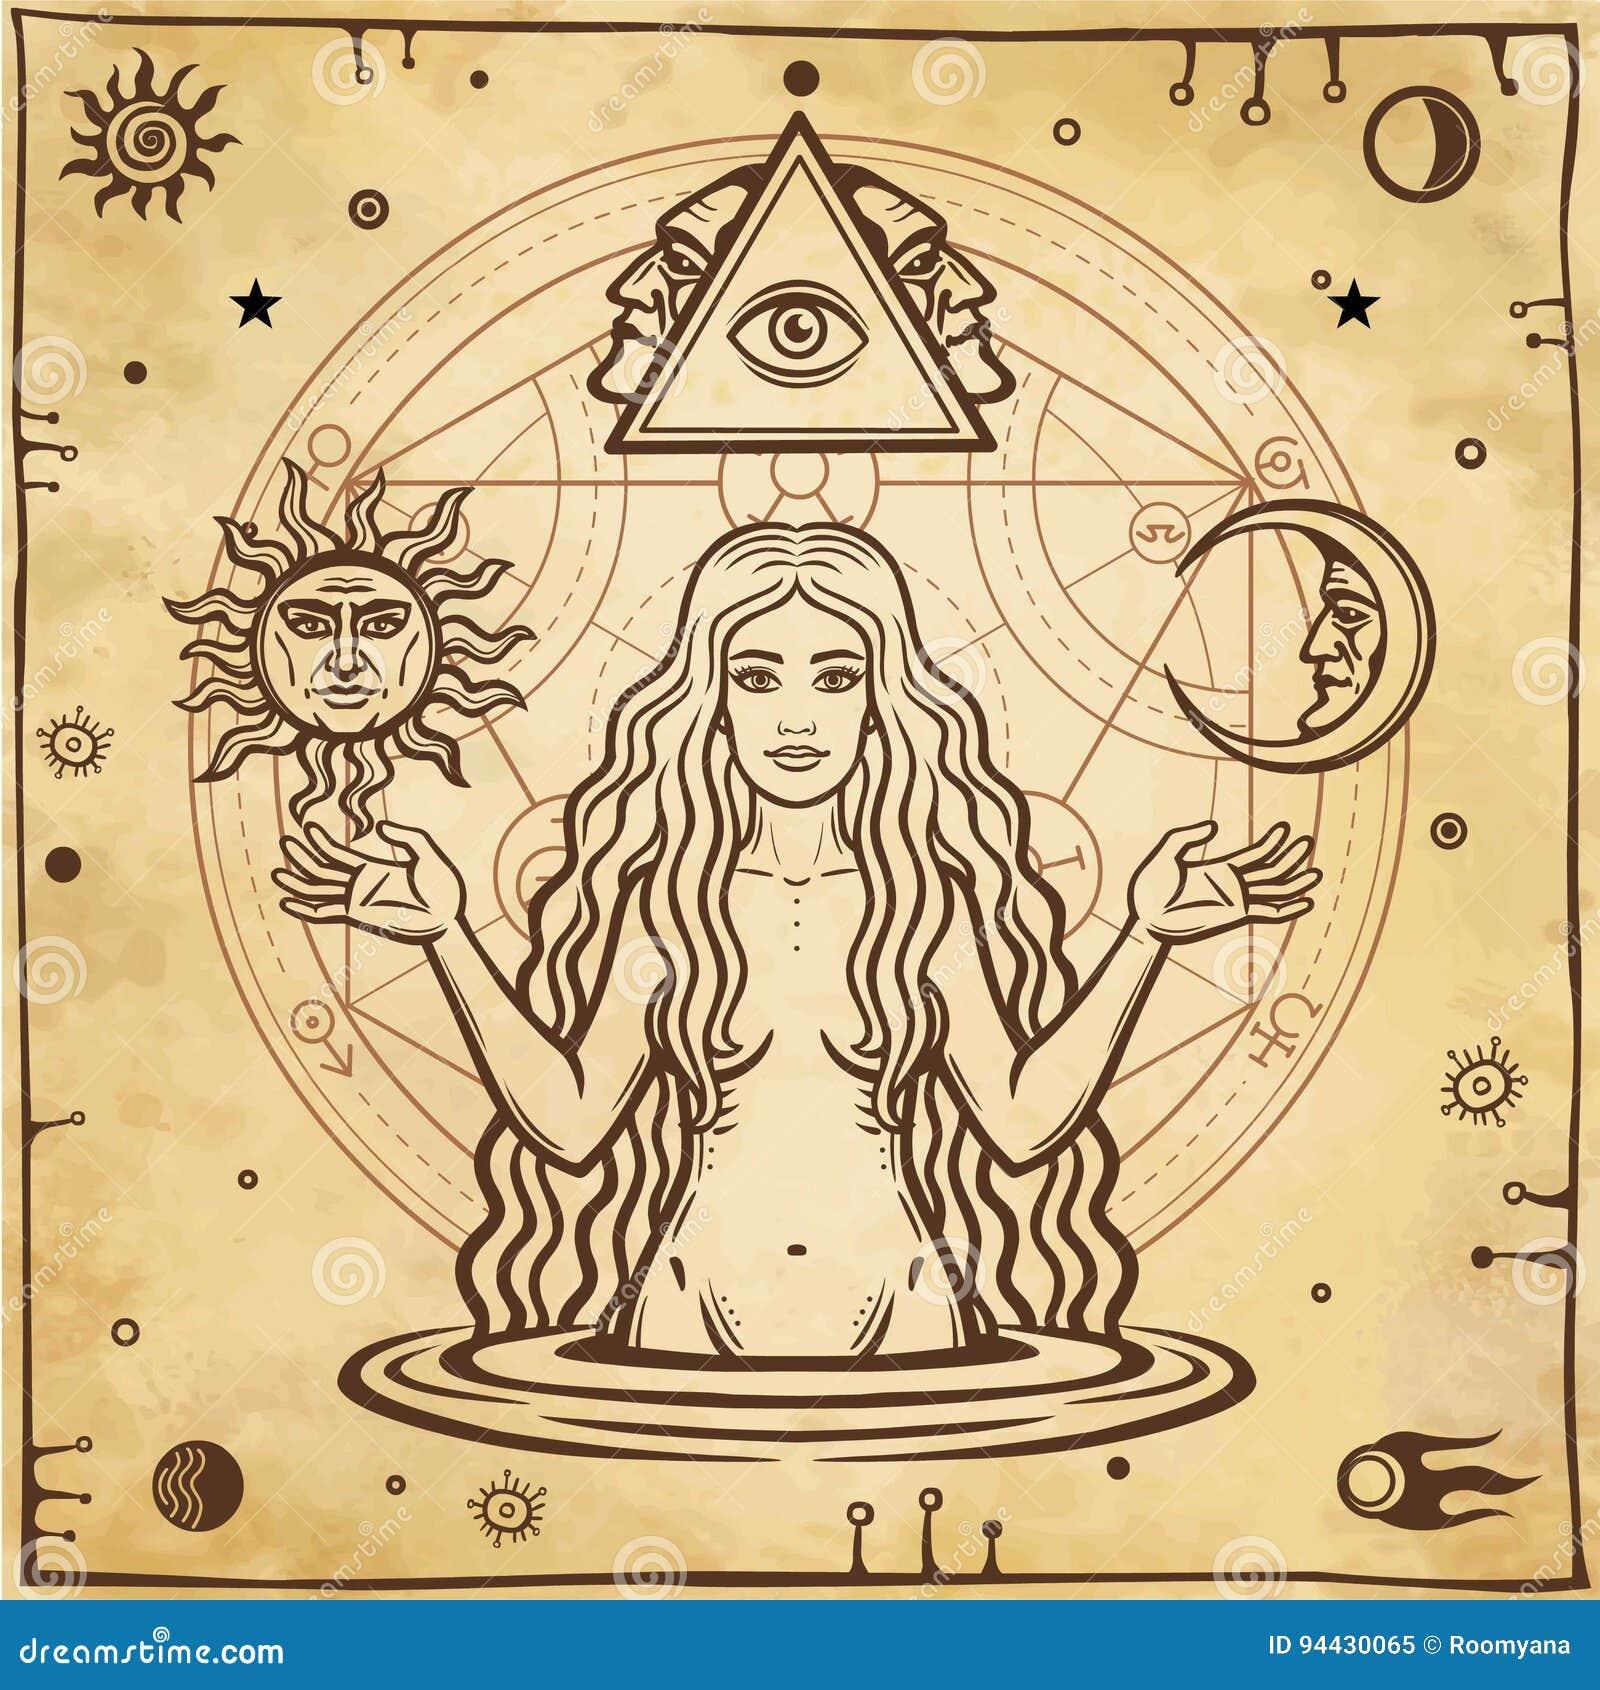 Disegno Alchemical: giovane bella donna, immagine del ` s di EVE, fertilità, tentazione